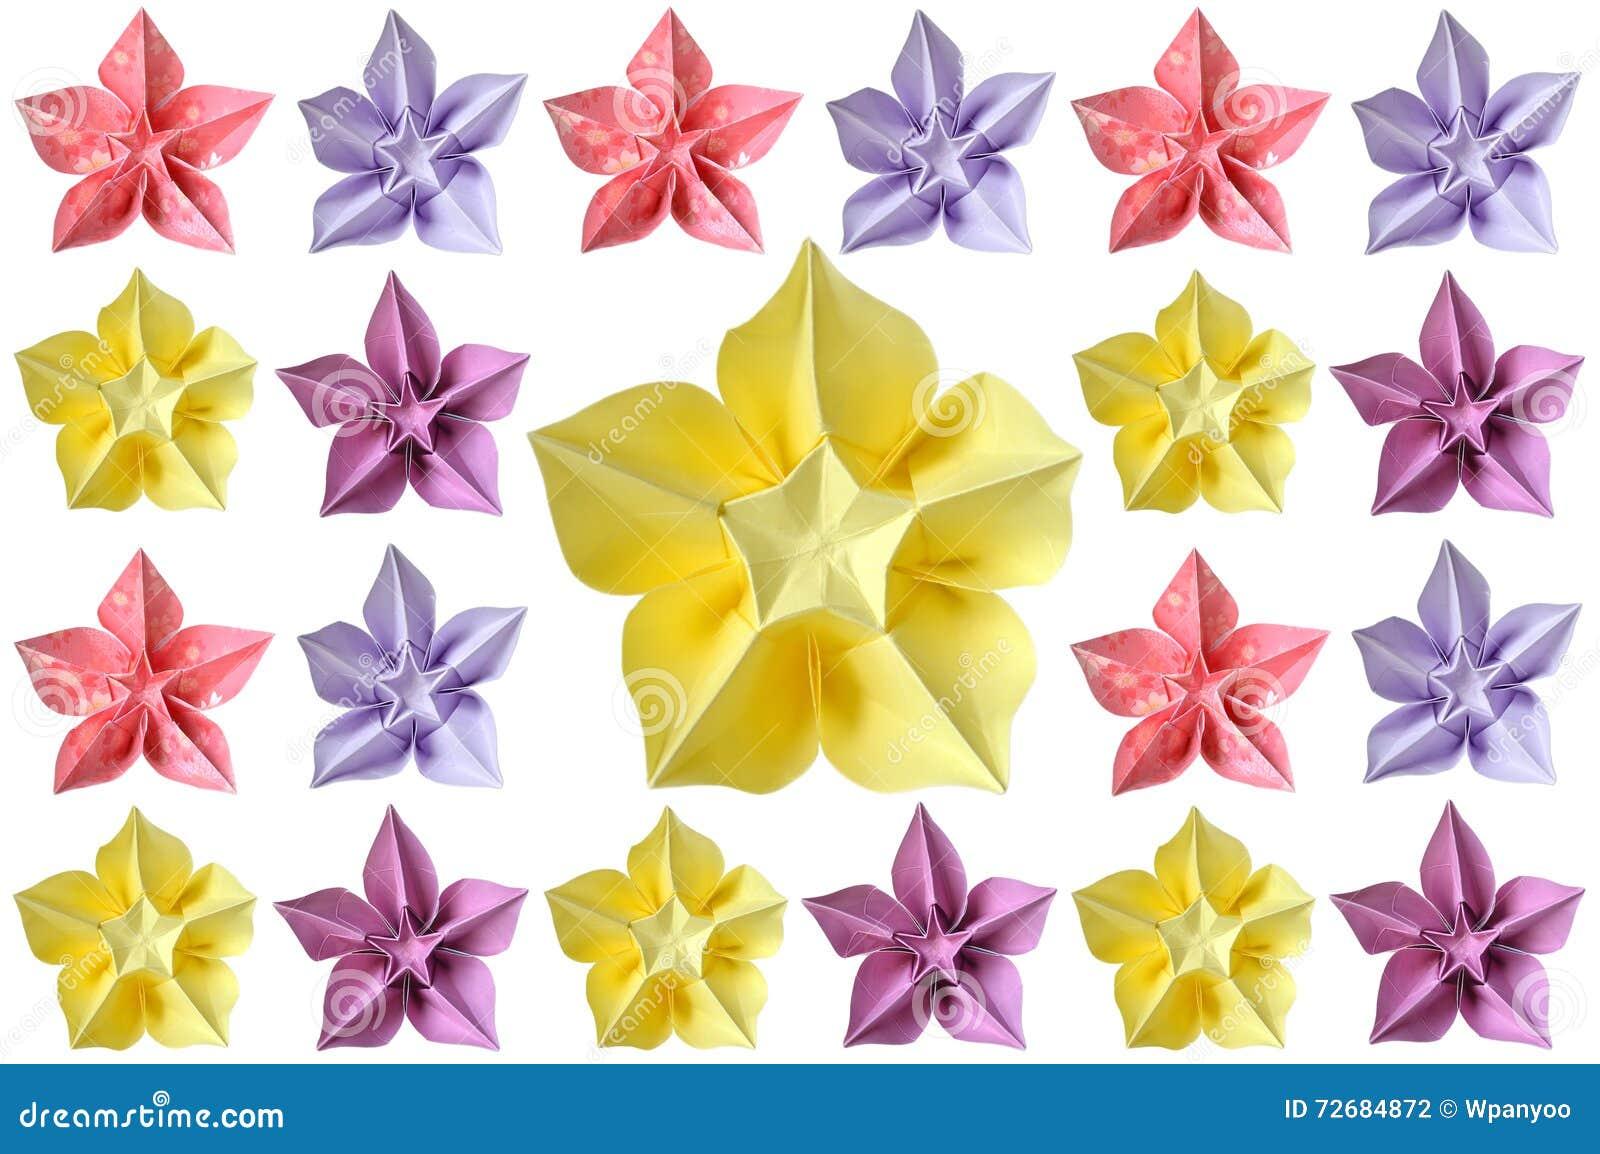 Origami carambola flower stock photo image of carambola 72684872 download origami carambola flower stock photo image of carambola 72684872 mightylinksfo